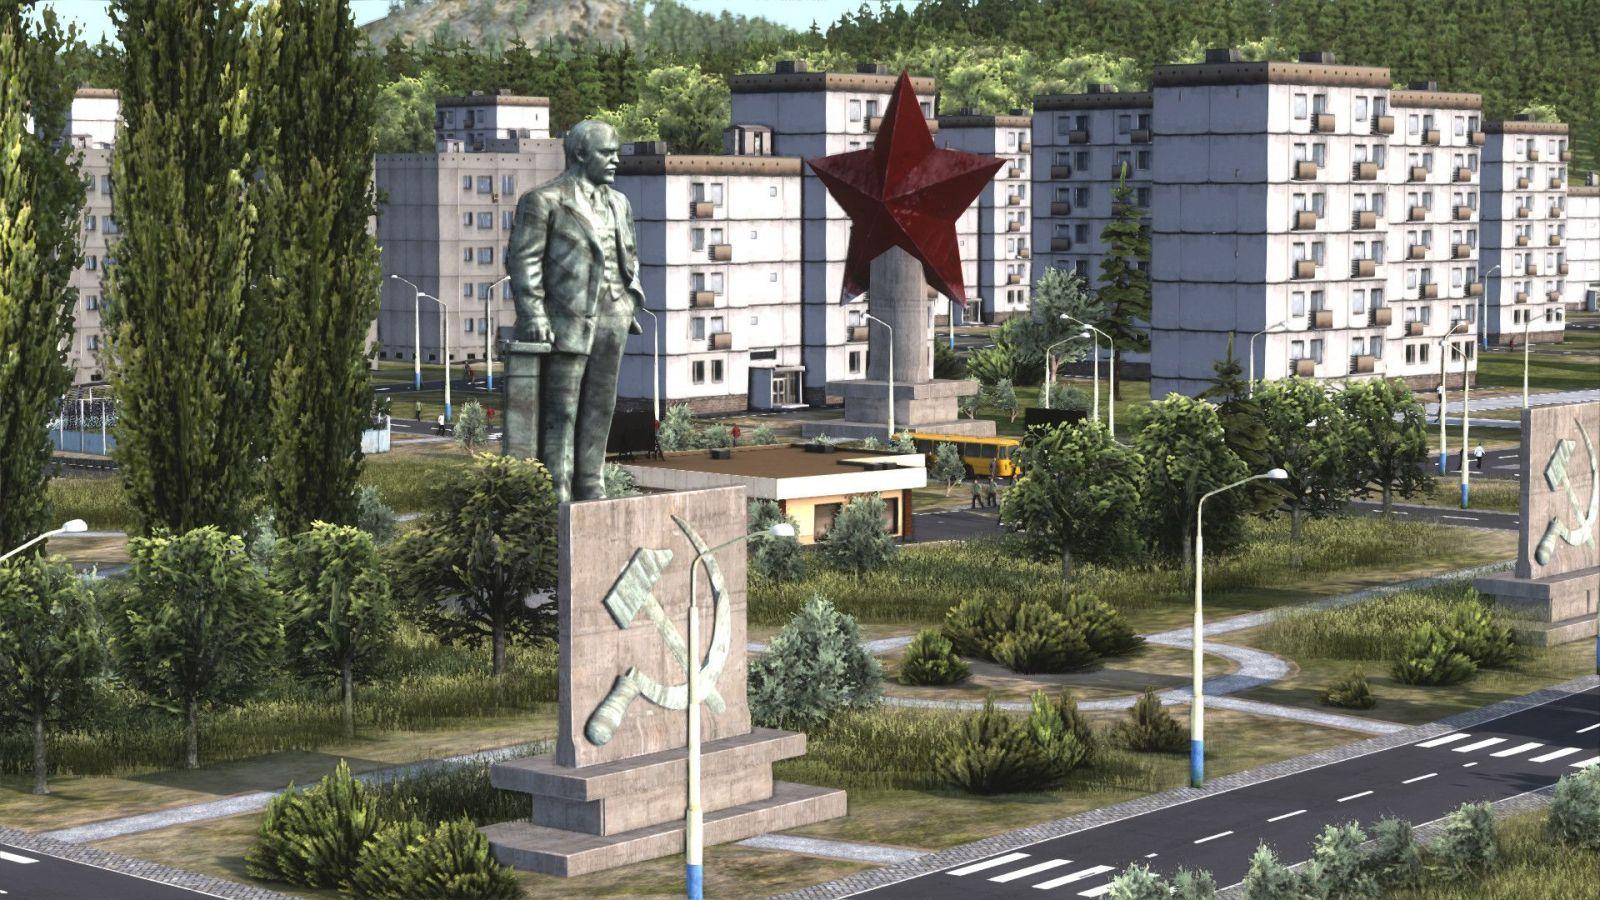 Vyskúšali sme sovietsky simulátor od slovenského vývojára. Predalo sa dosť kusov, aby sme pokračovali vo vývoji, hovorí